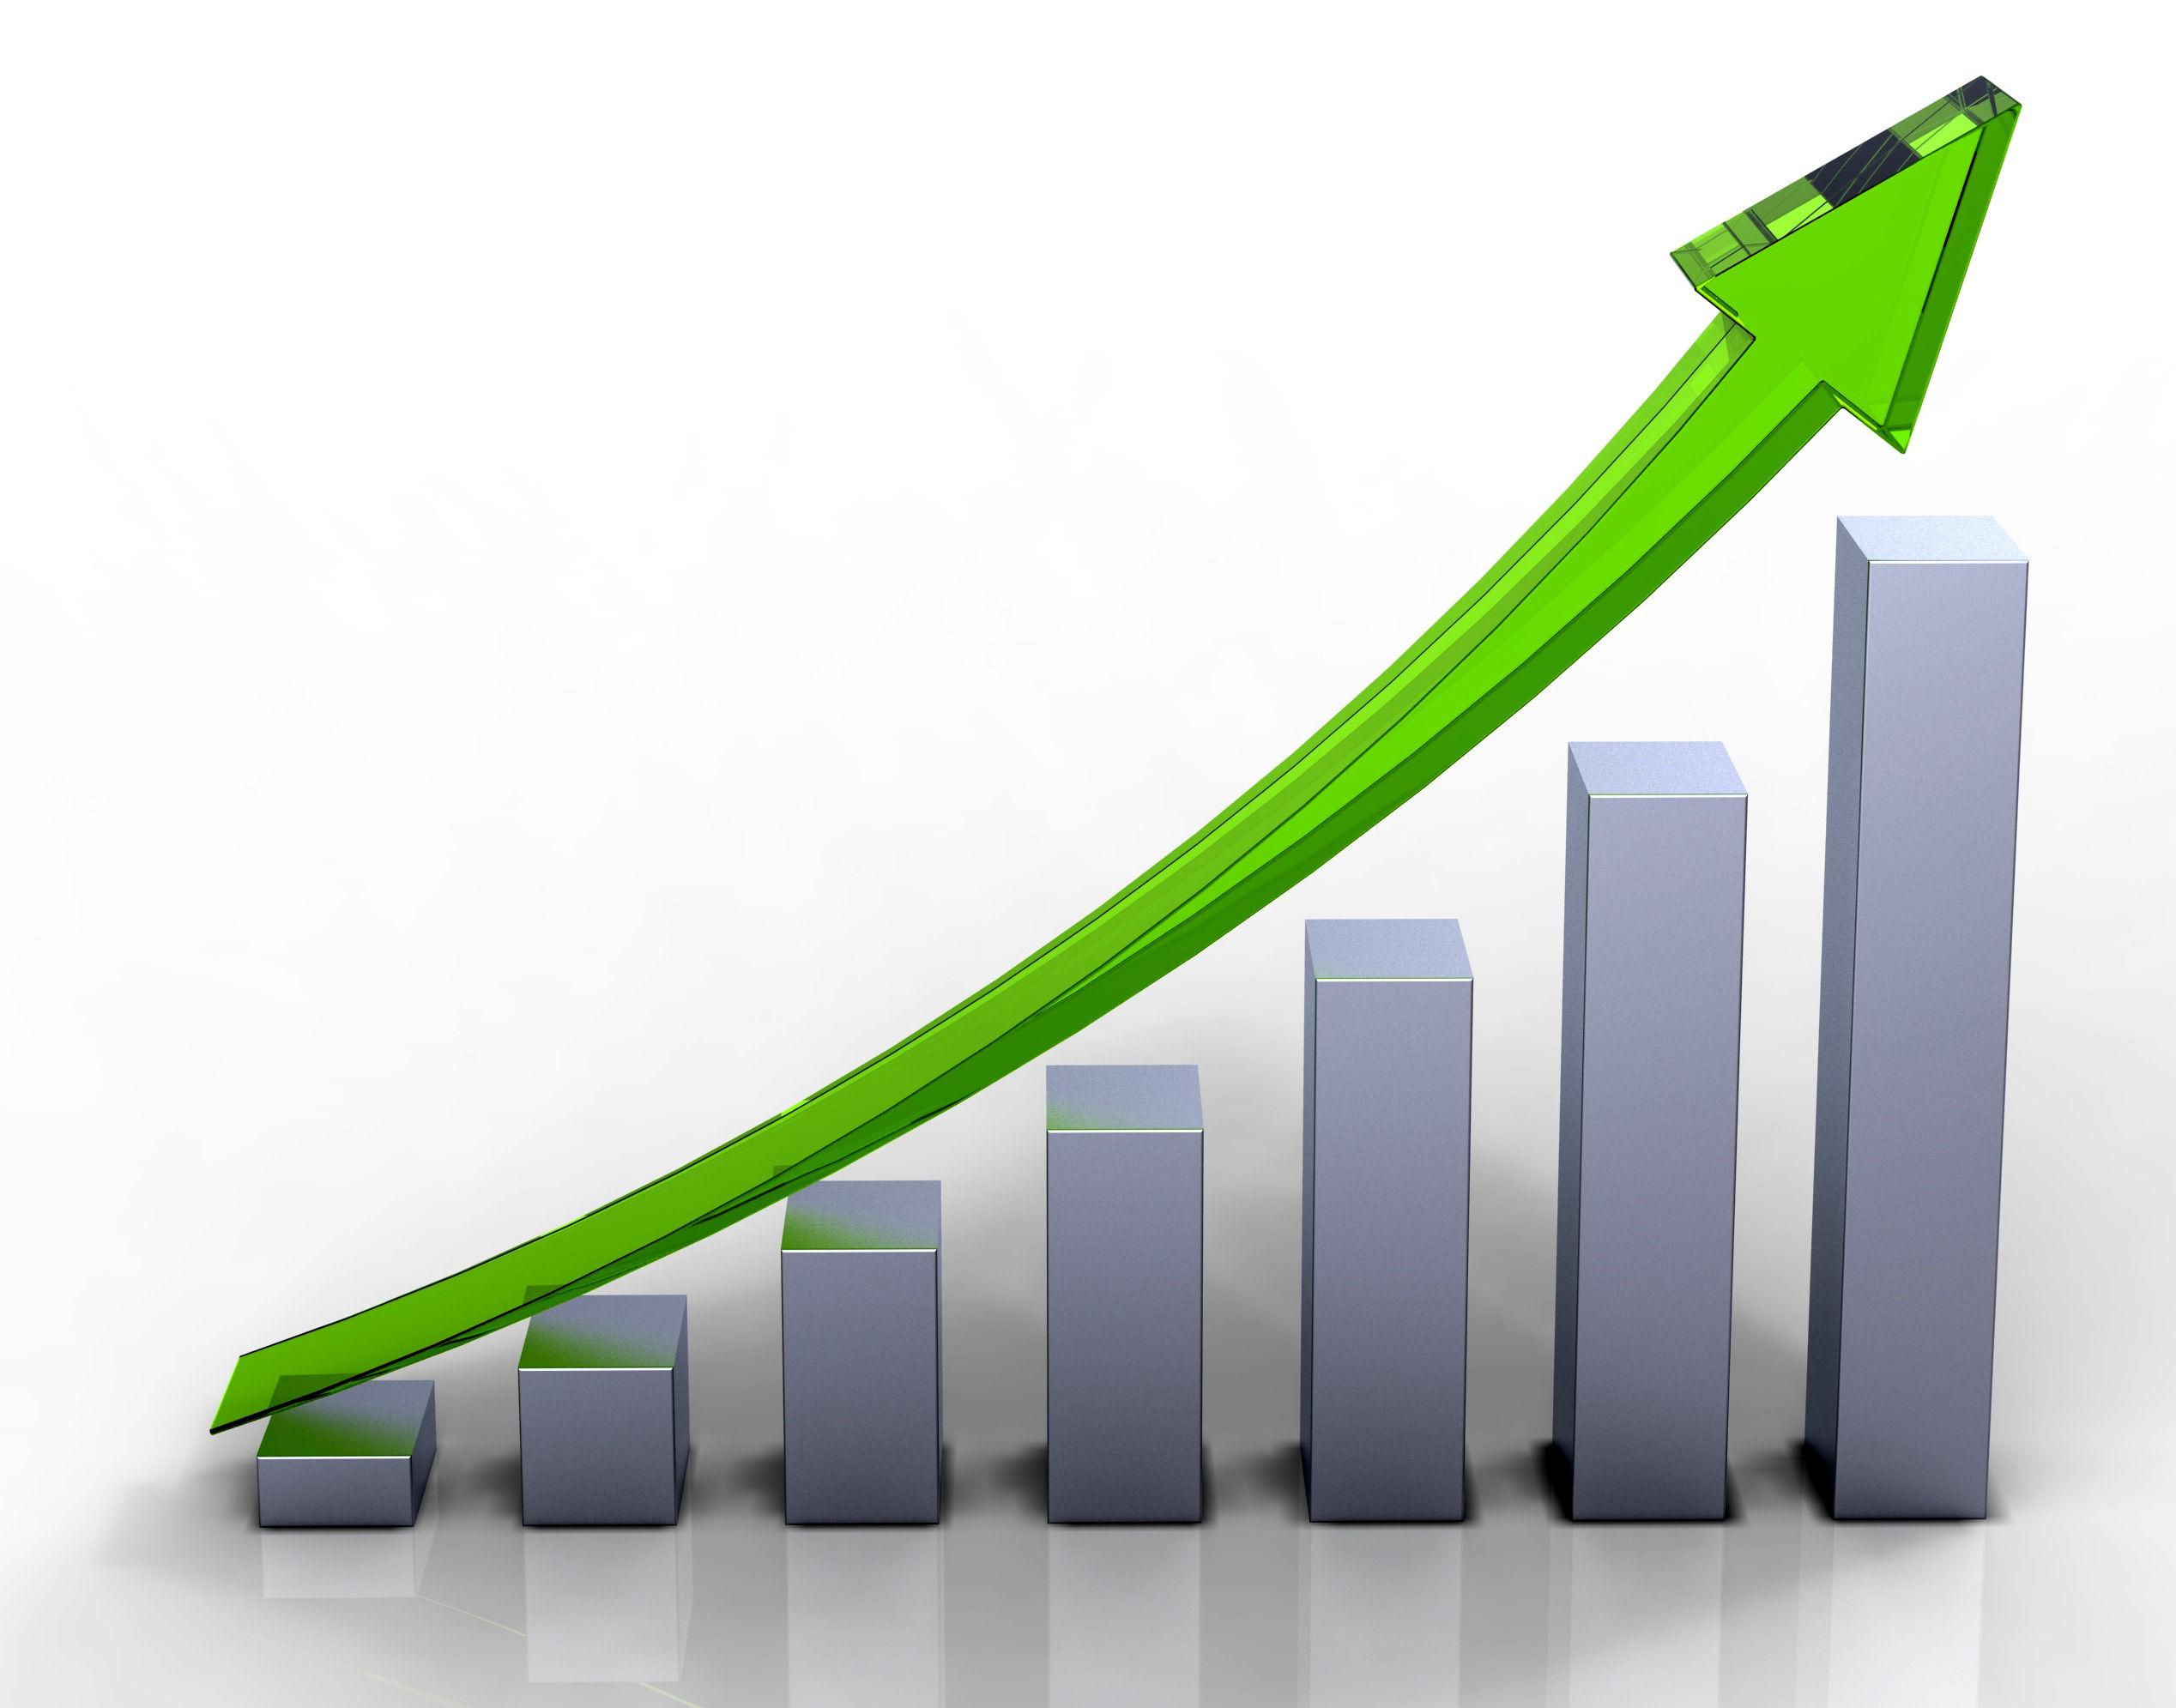 رشد 6.7 درصدی بازرسی و کنترل واحدهای صنفی در سال 1399